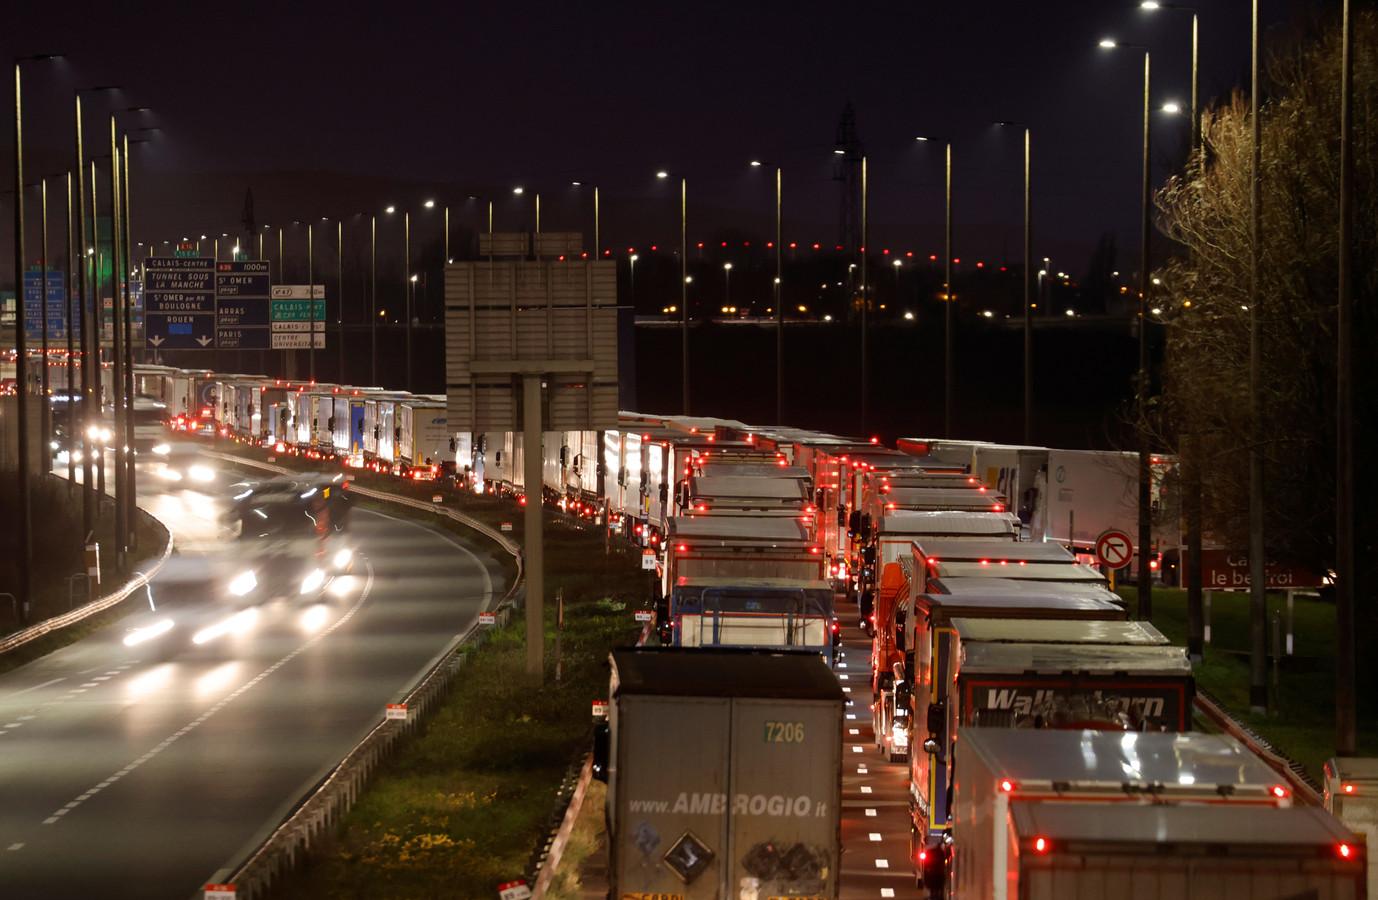 In Calais stonden vanmorgen opnieuw kilometerslange files richting de ferryhaven van vrachtwagens die de oversteek naar het Verenigd Koninkrijk willen maken.